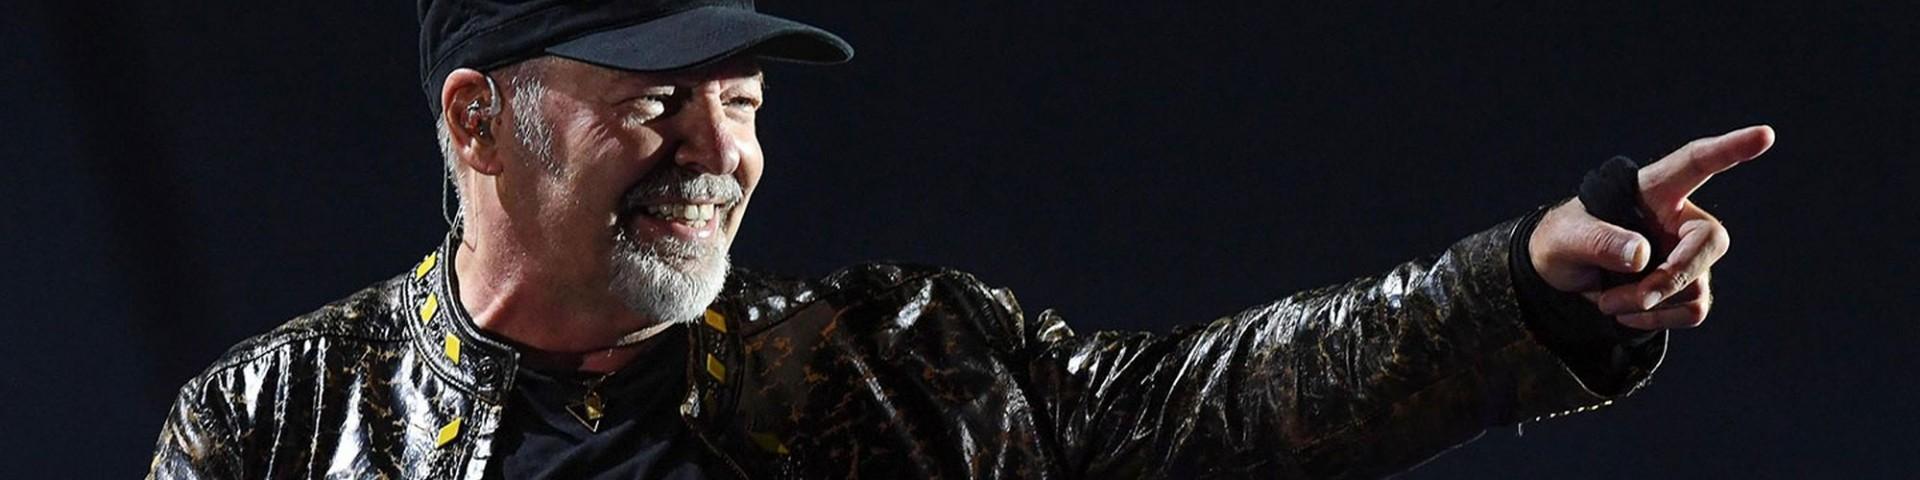 Vasco Rossi Live 2020: come acquistare i biglietti per Roma, Imola, Firenze e Milano